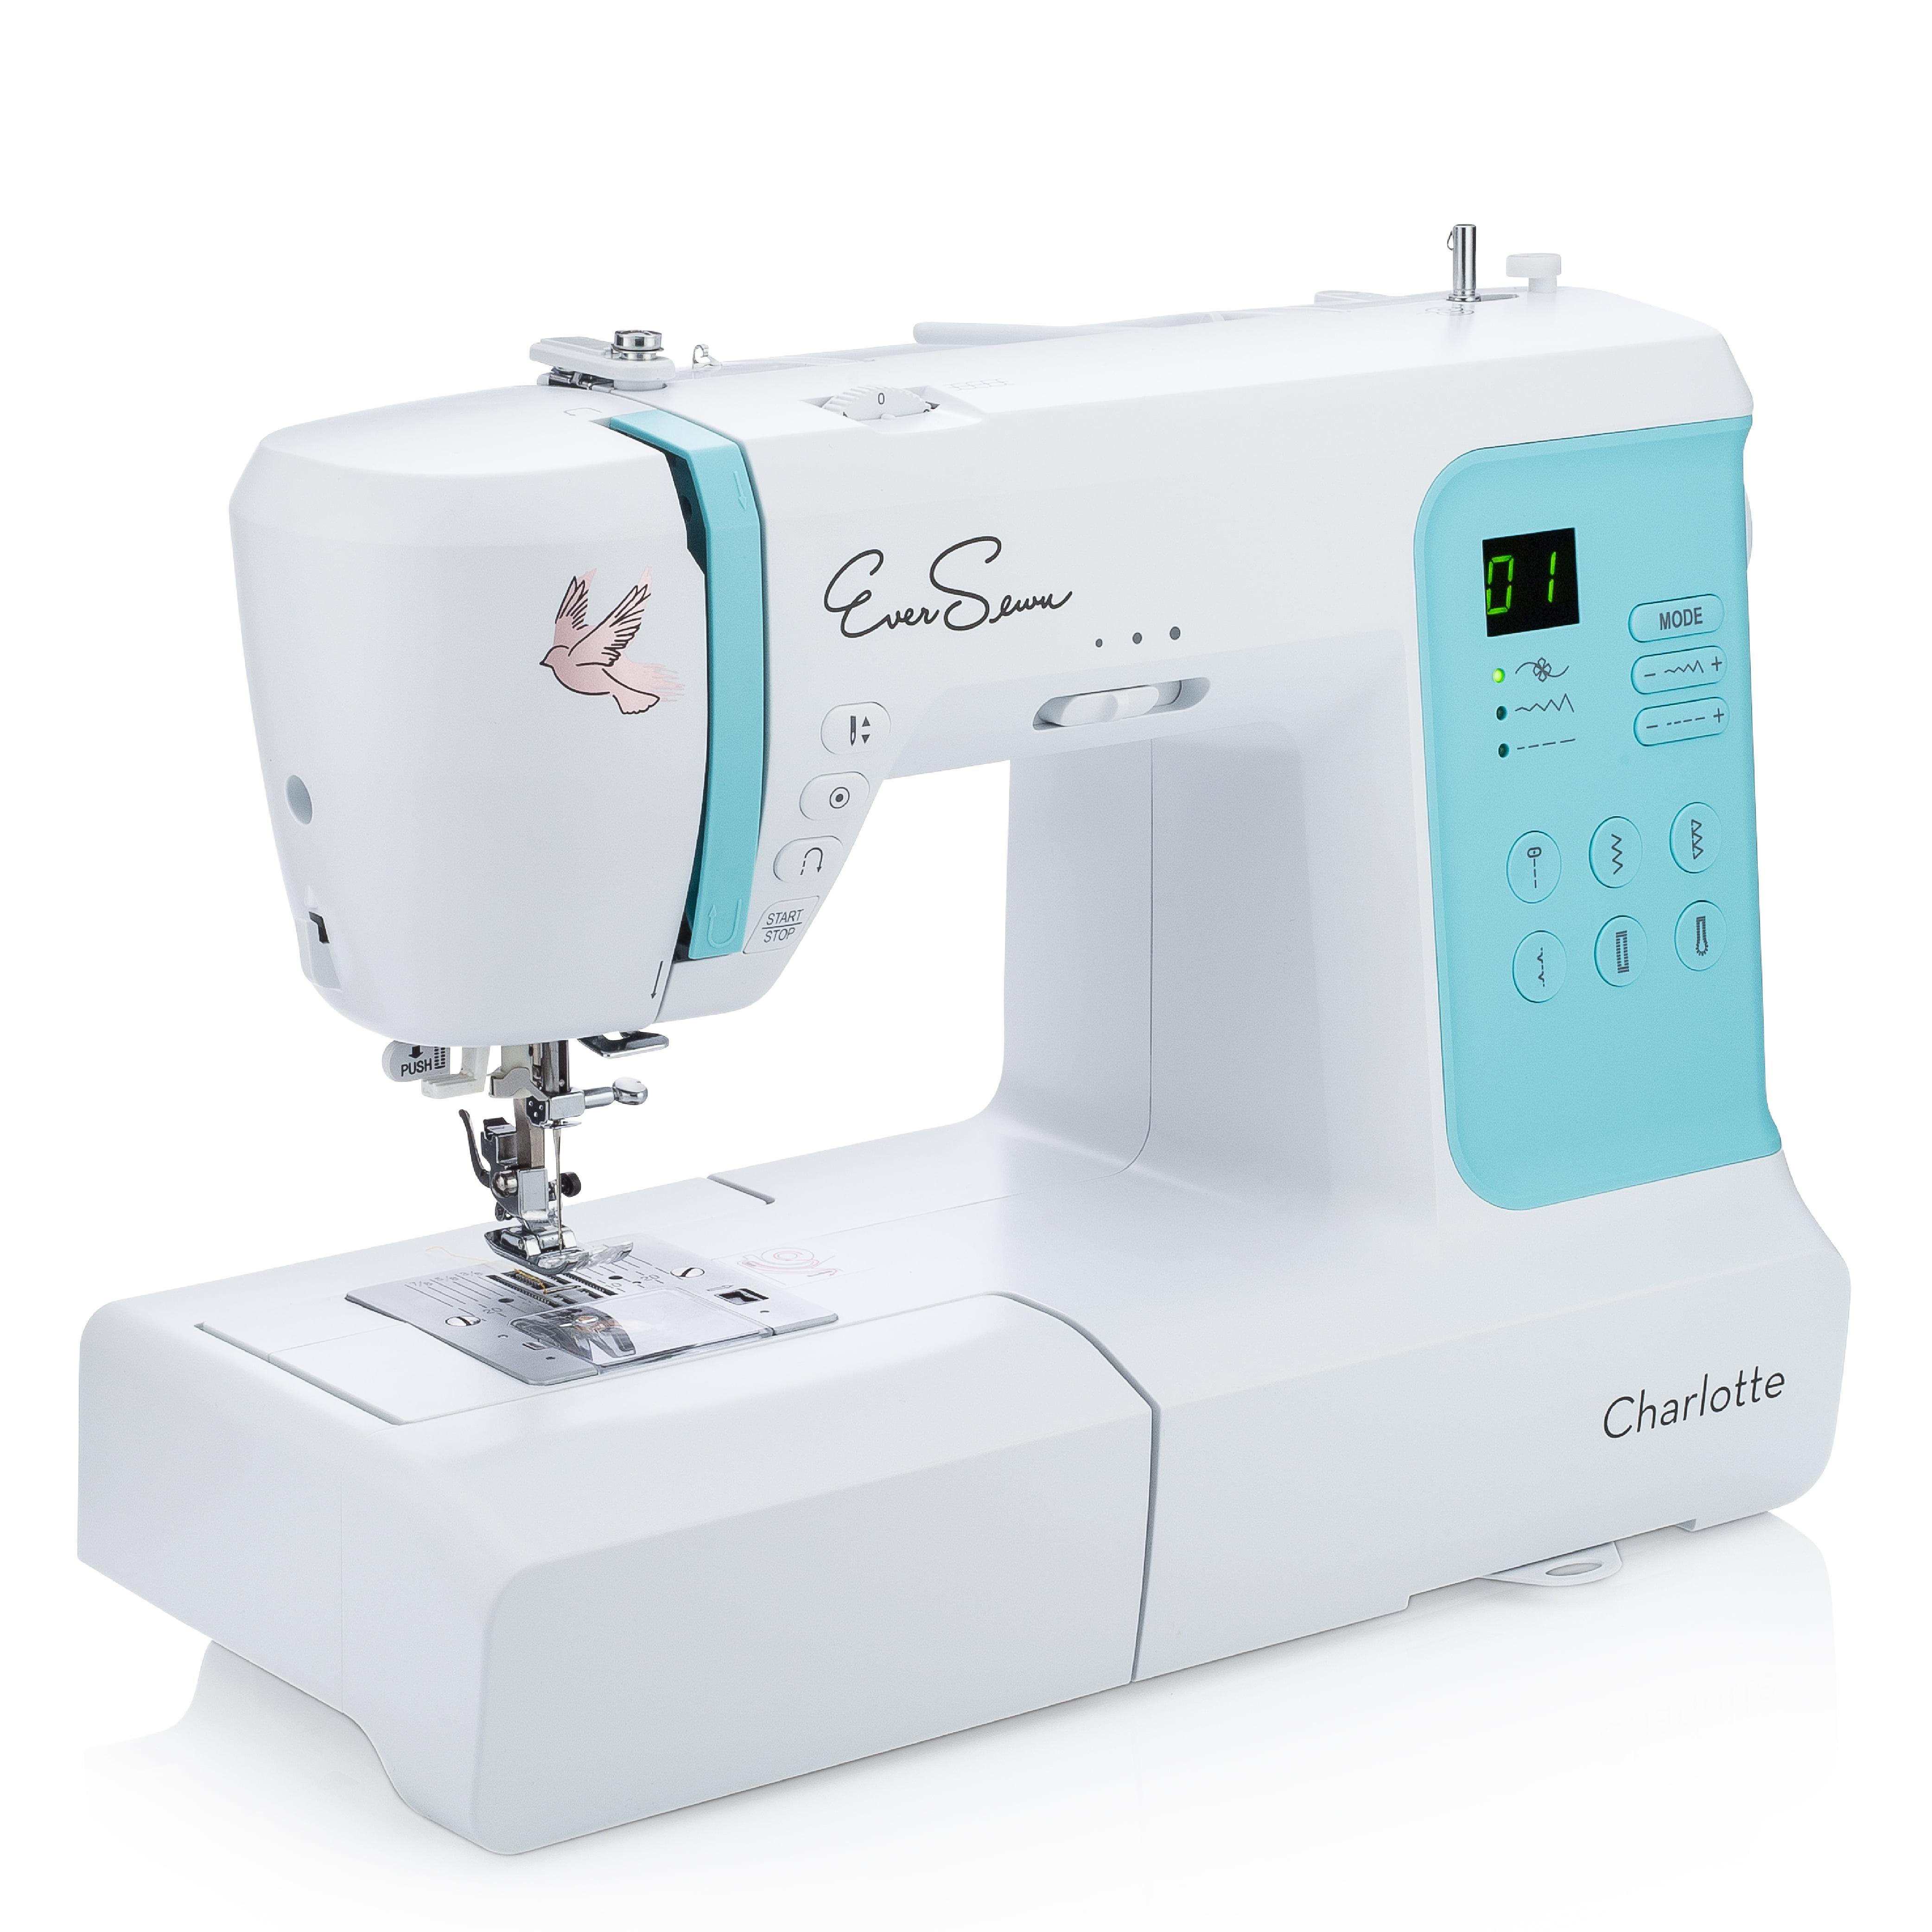 Eversewn Charlotte 70-Stitch Computerized Sewing Machine